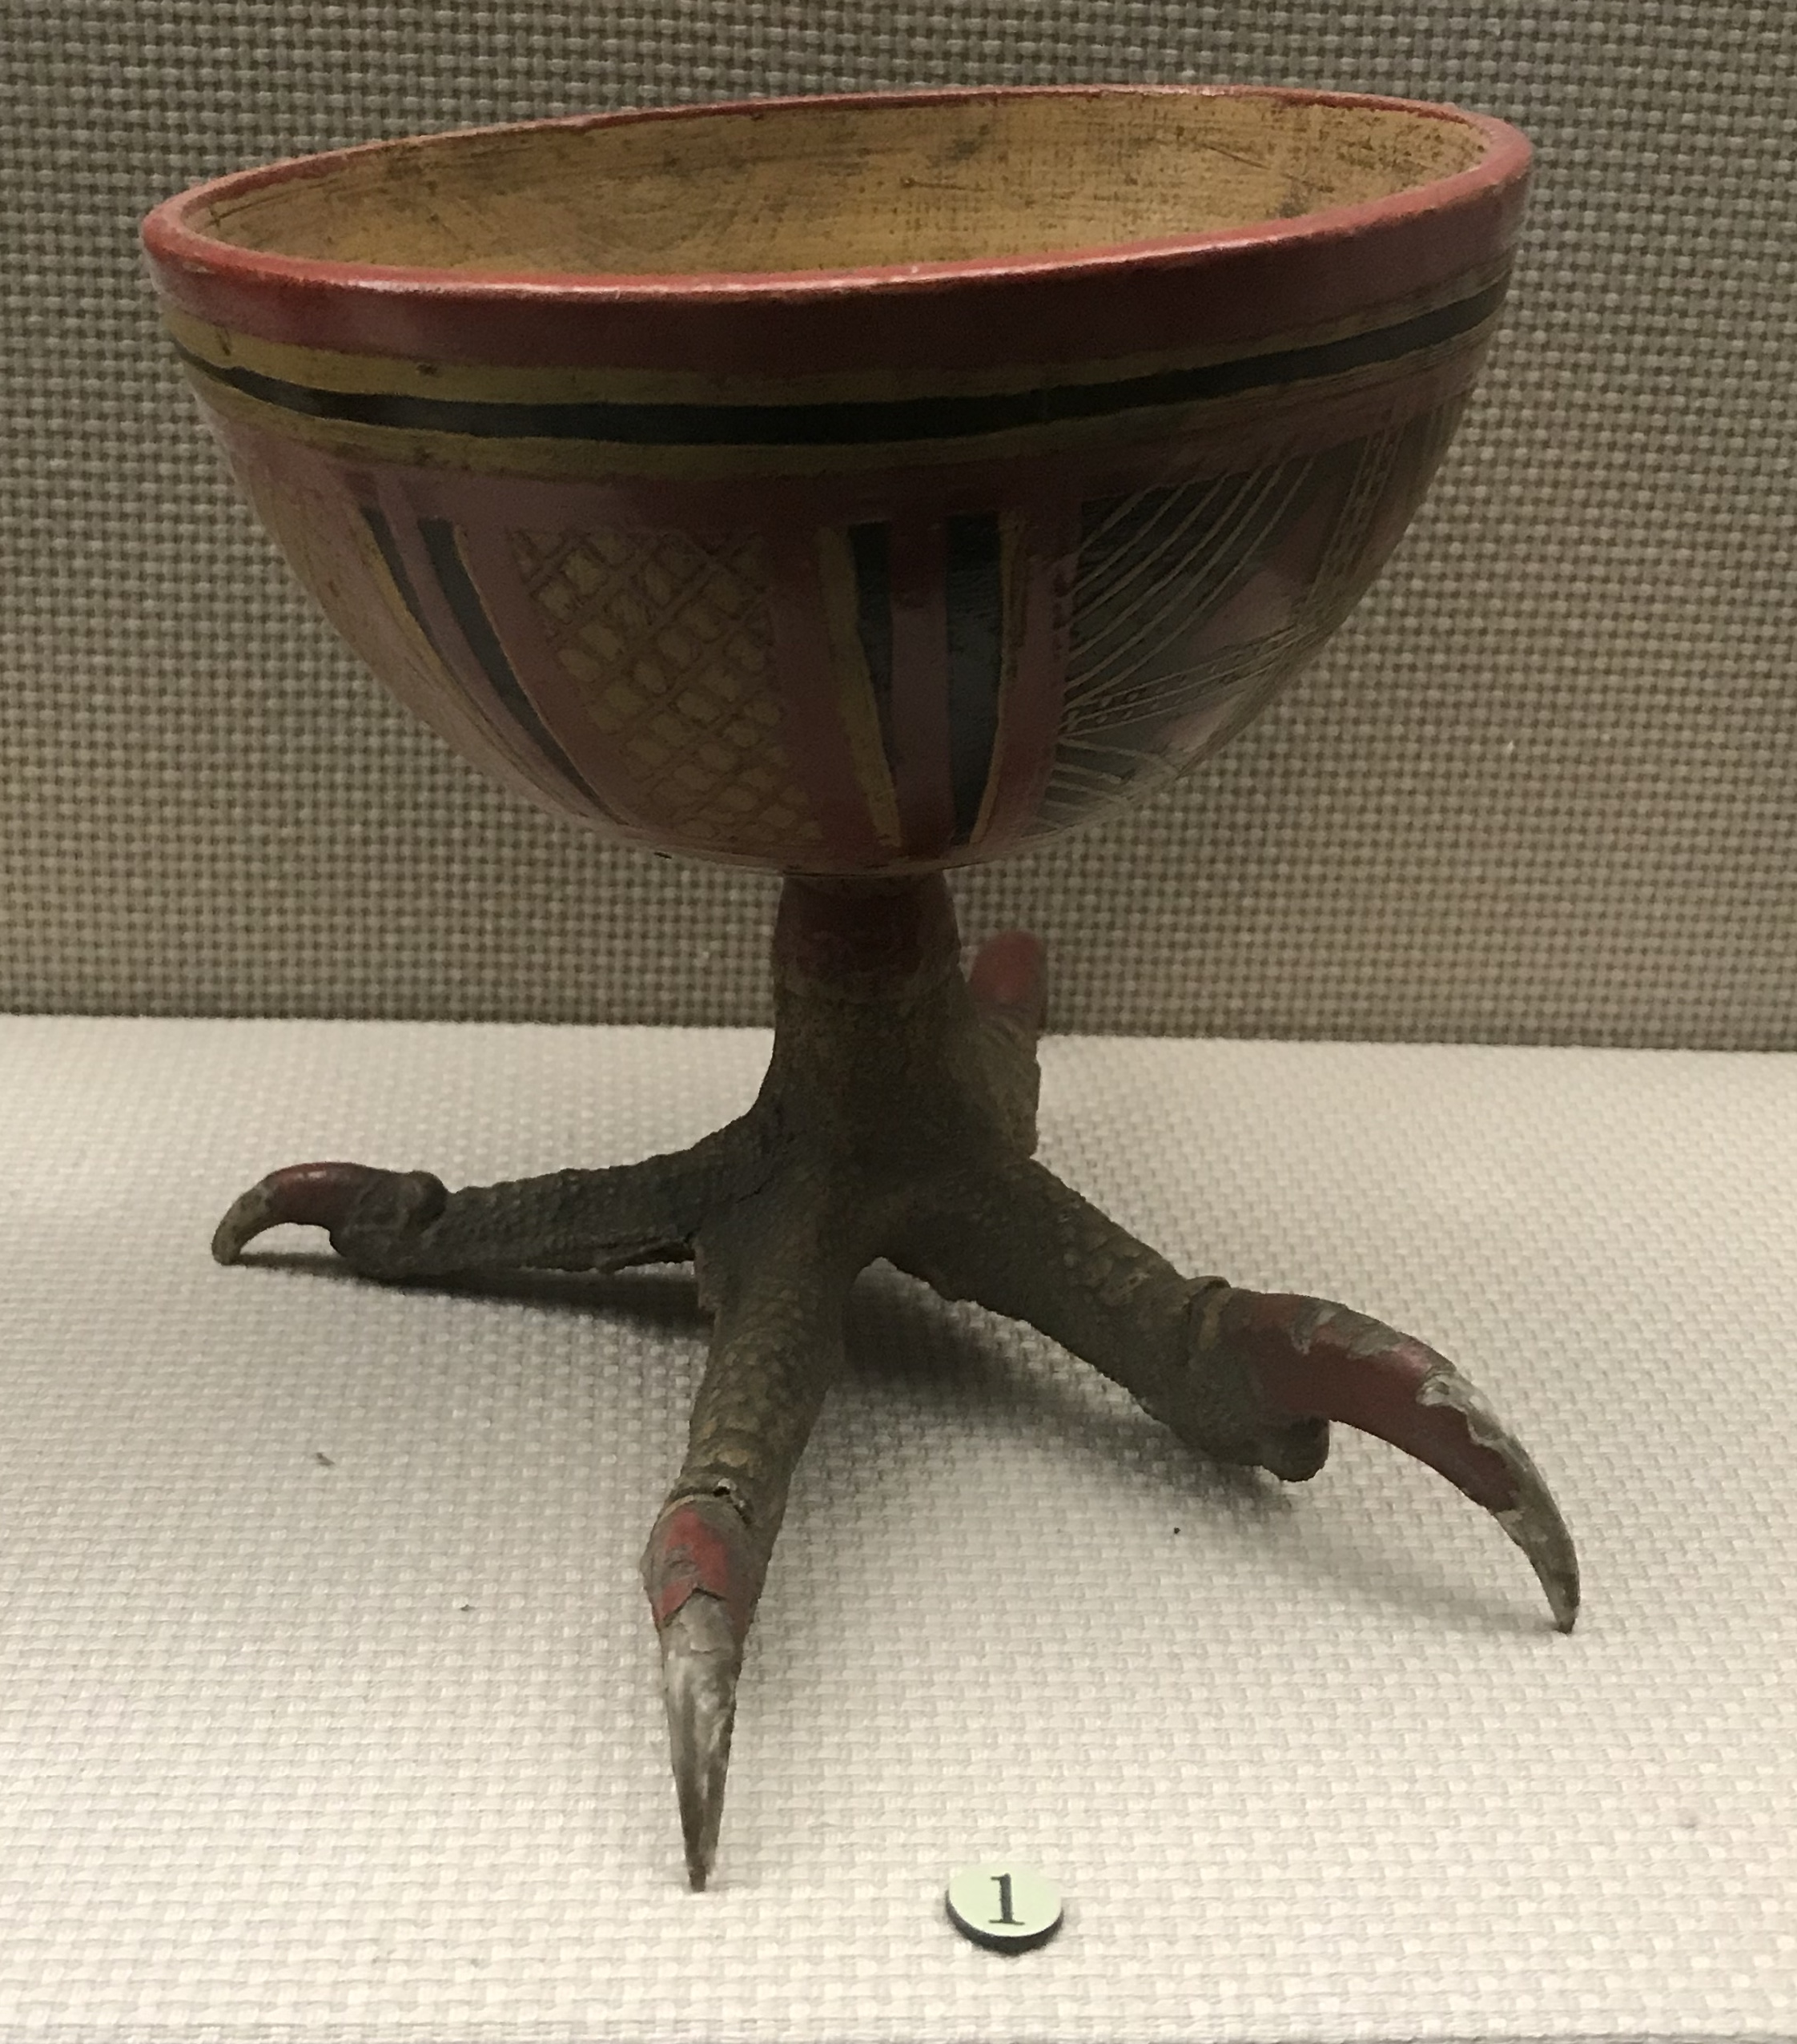 彩絵棱形網紋鷹爪足漆碗-高足双杯-鼓形扁酒壺-彜族漆器-四川民族文物館-四川博物館-成都